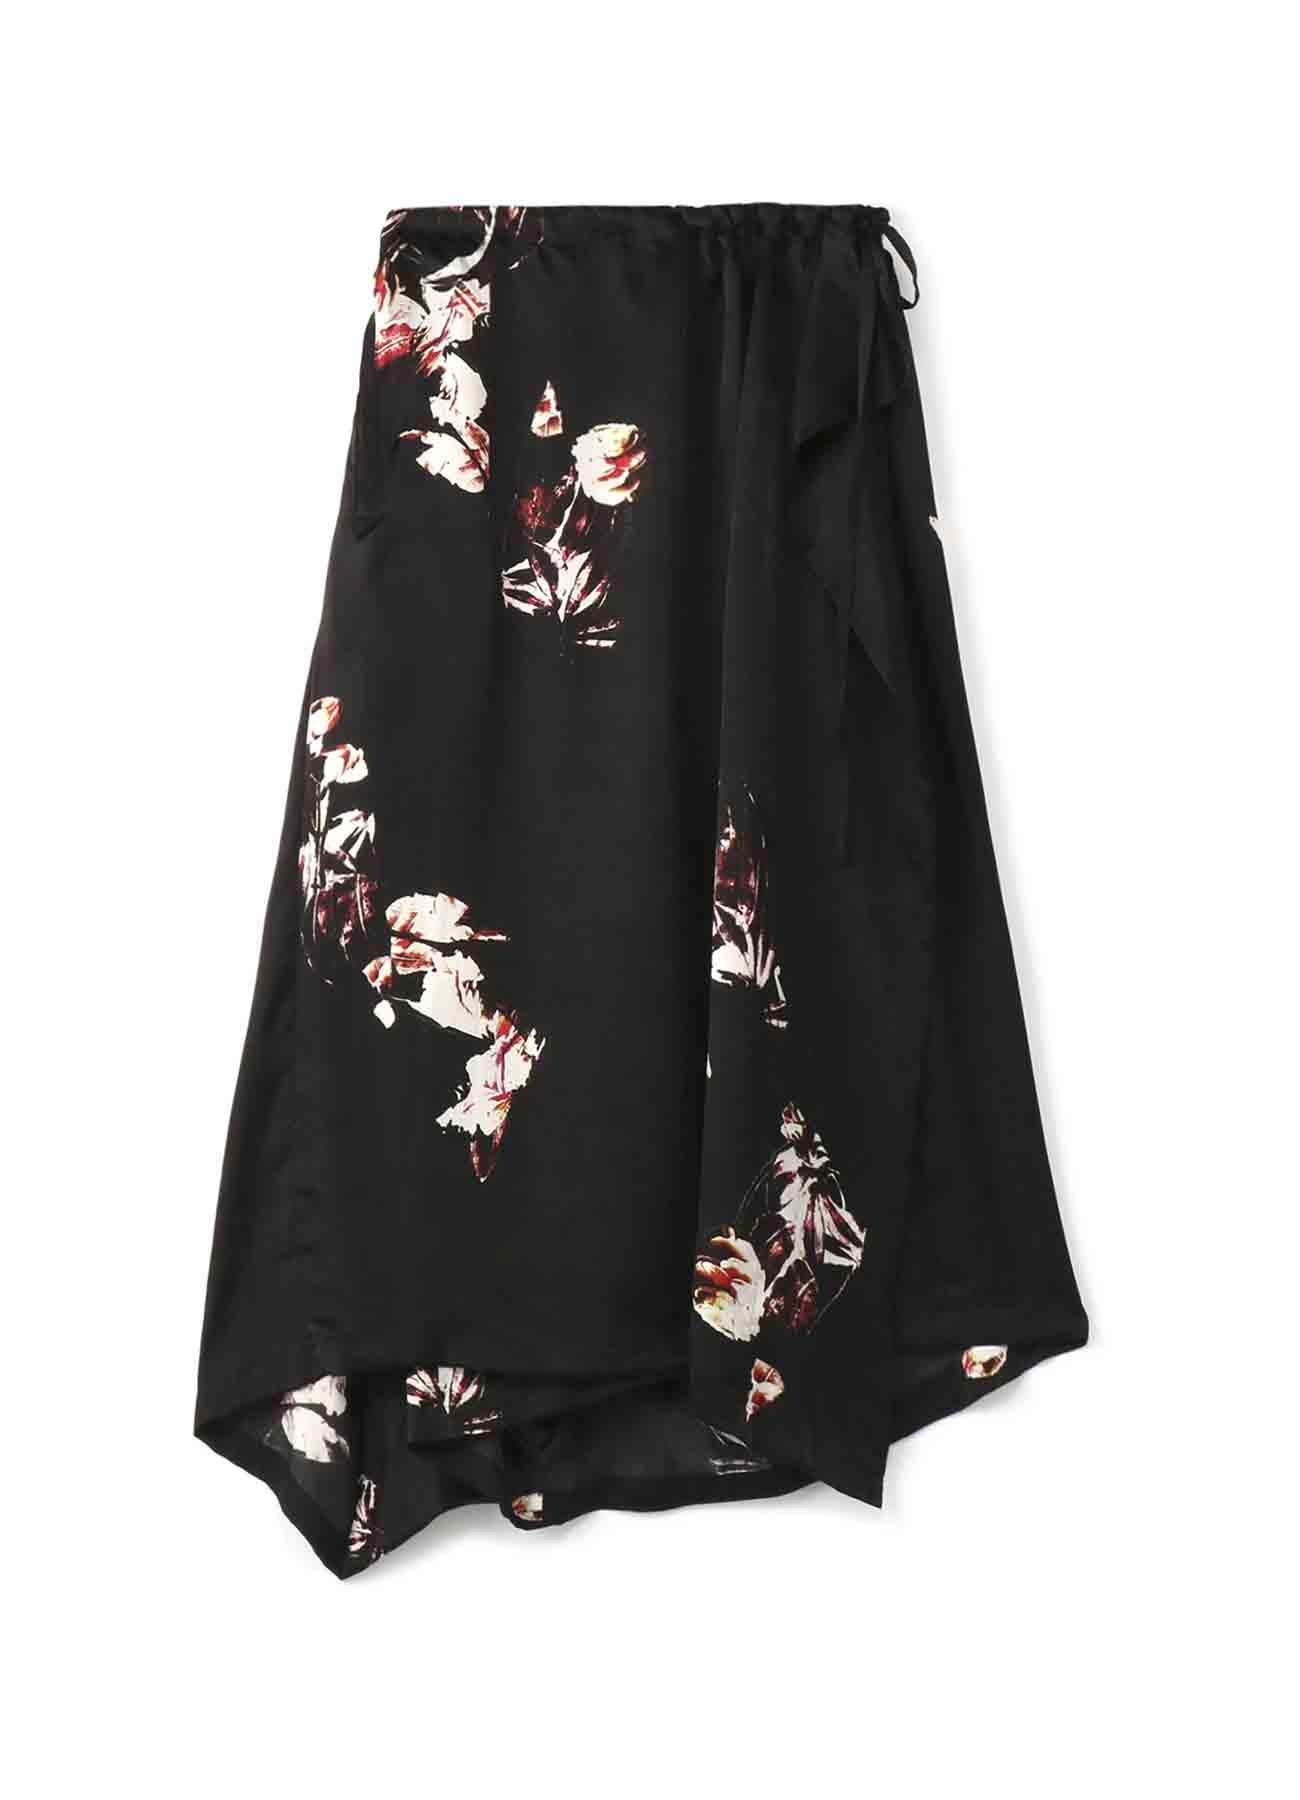 キュプラサテン花柄プリント ラップスカート風パンツ